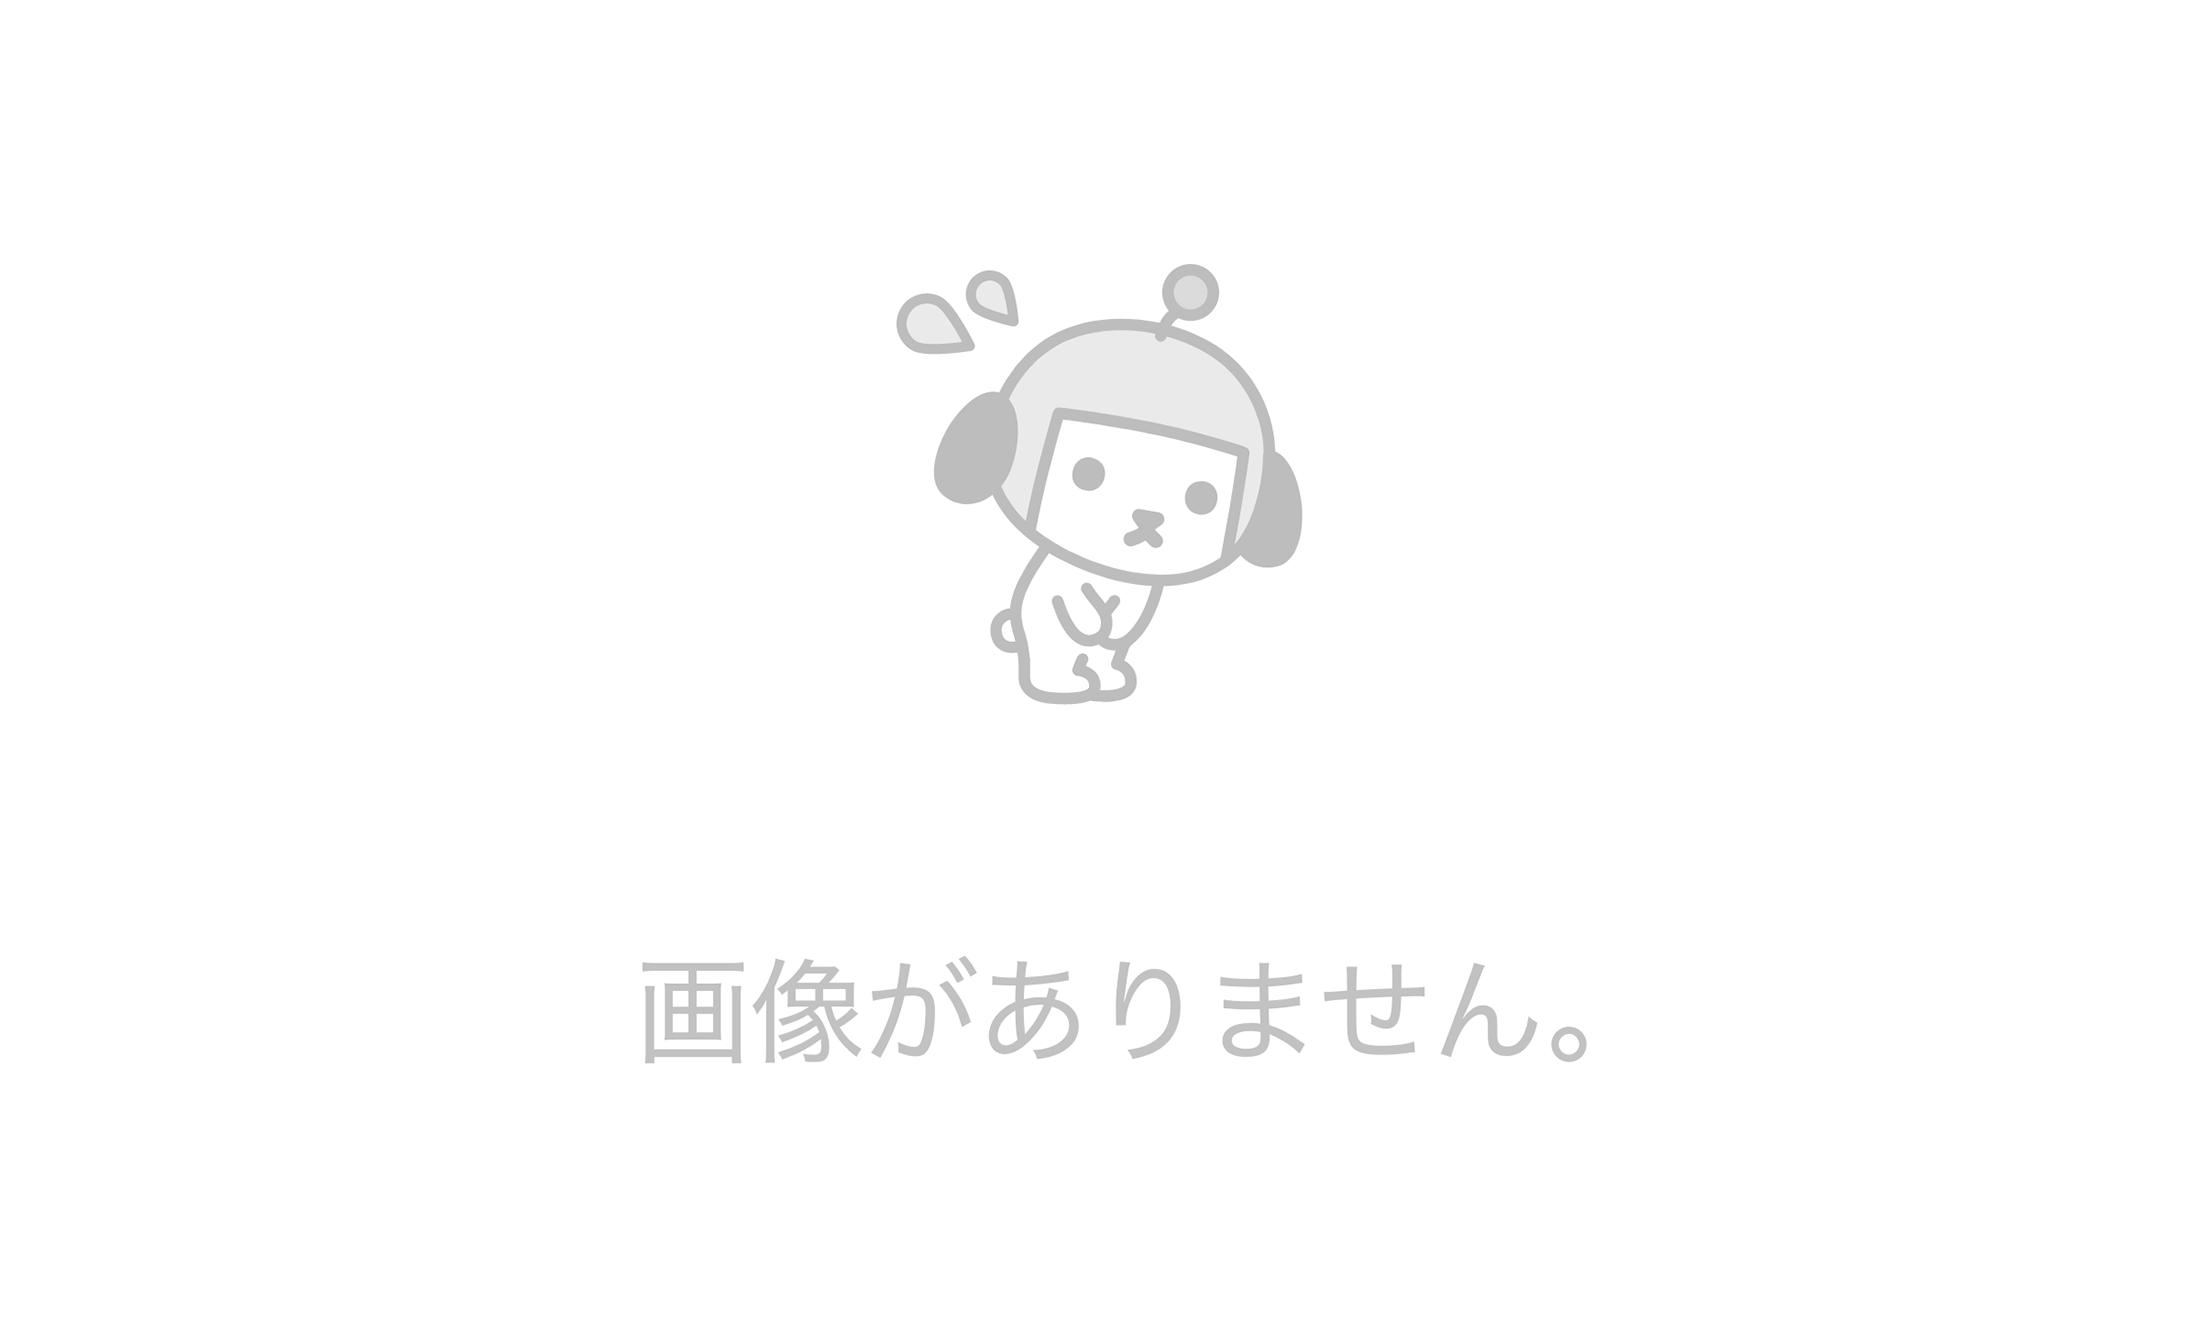 [ぱお]の画像